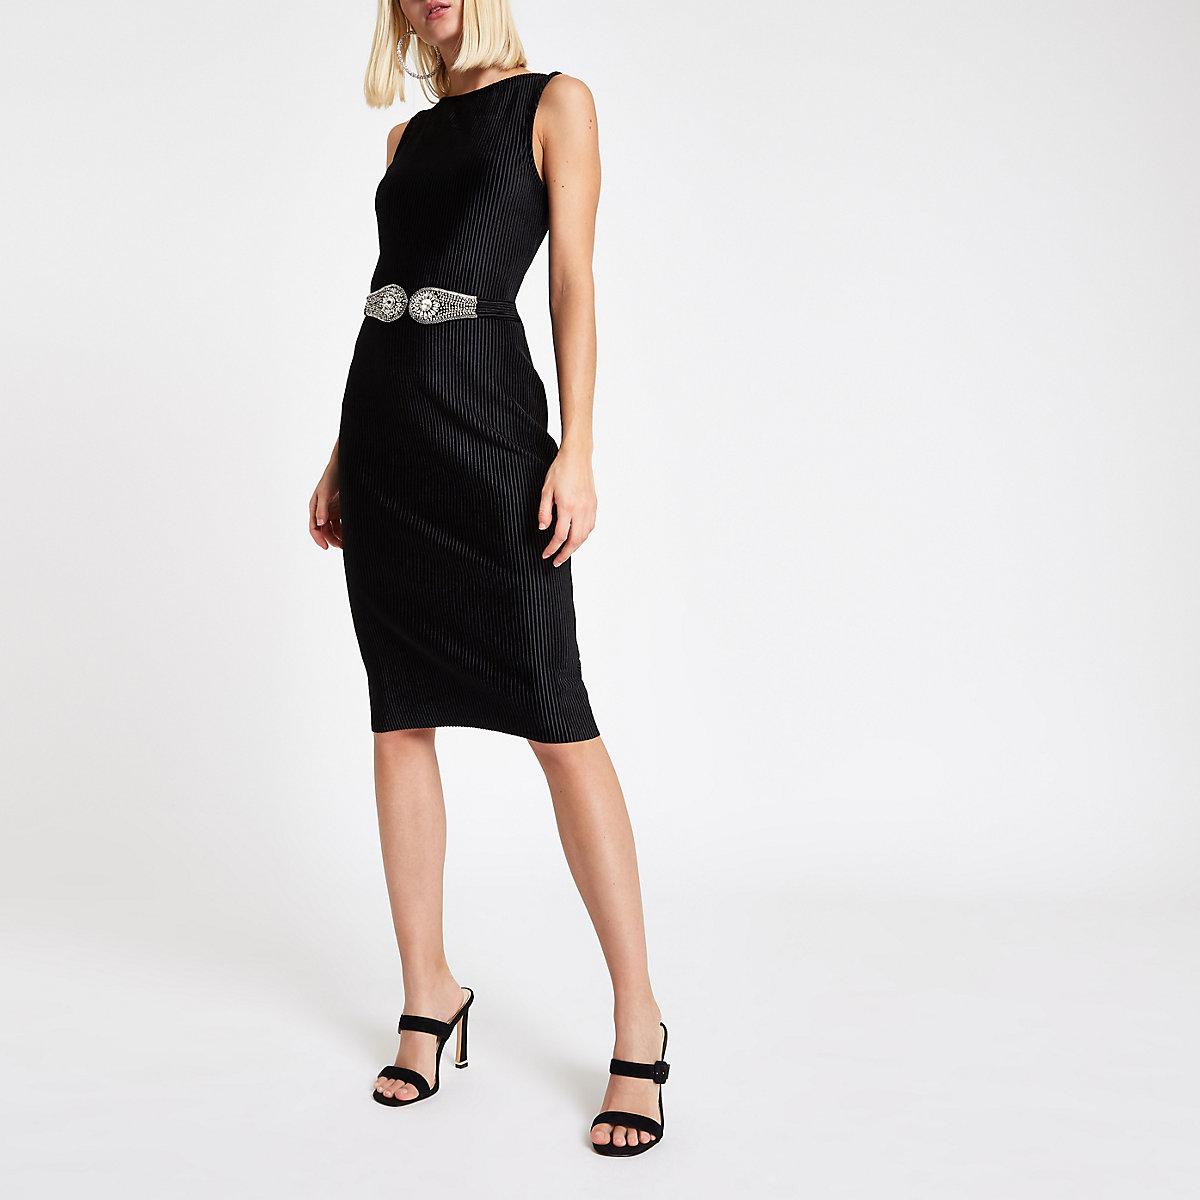 9a9fd377b472 Robe moulante mi-longue en velours plissé noire à ceinture - Robes ...